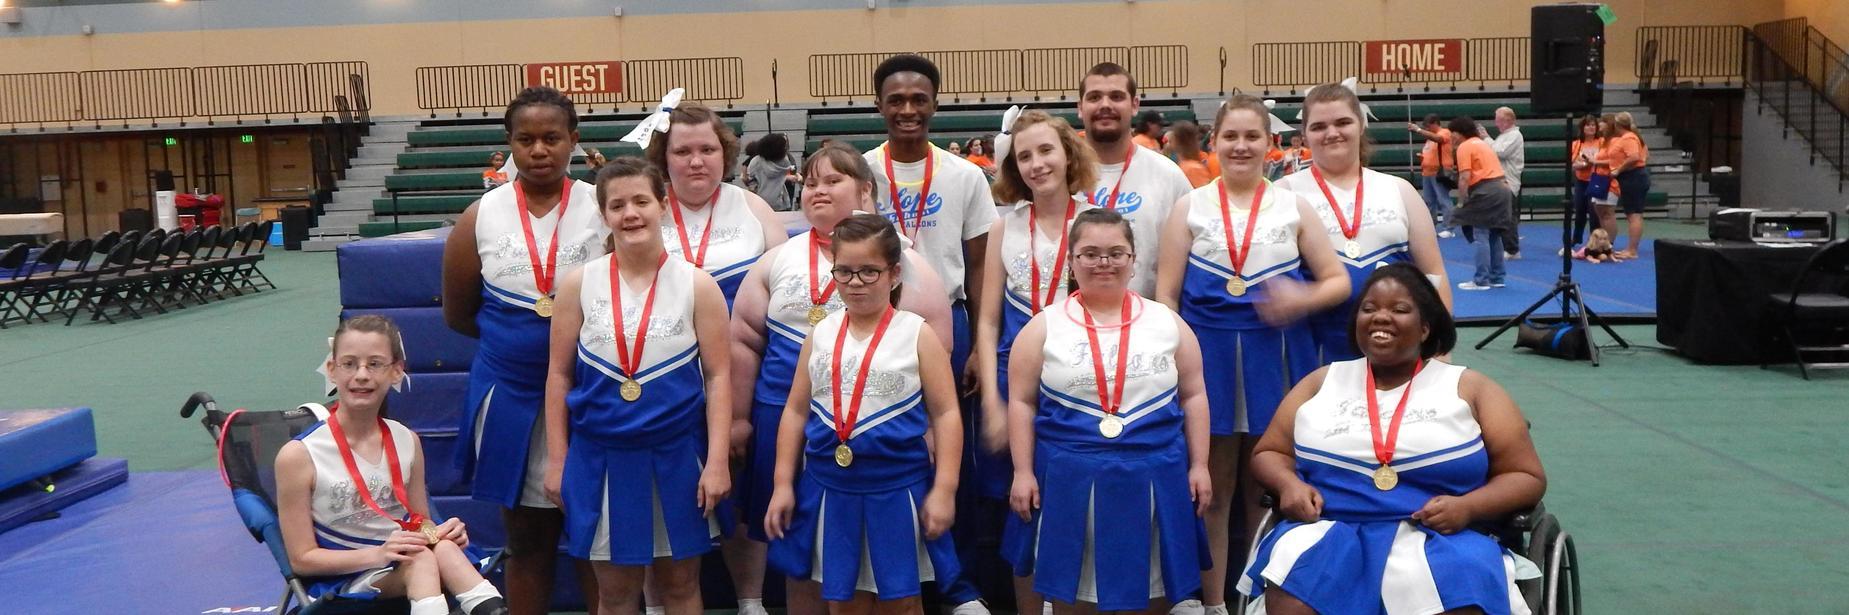 hope cheerleaders